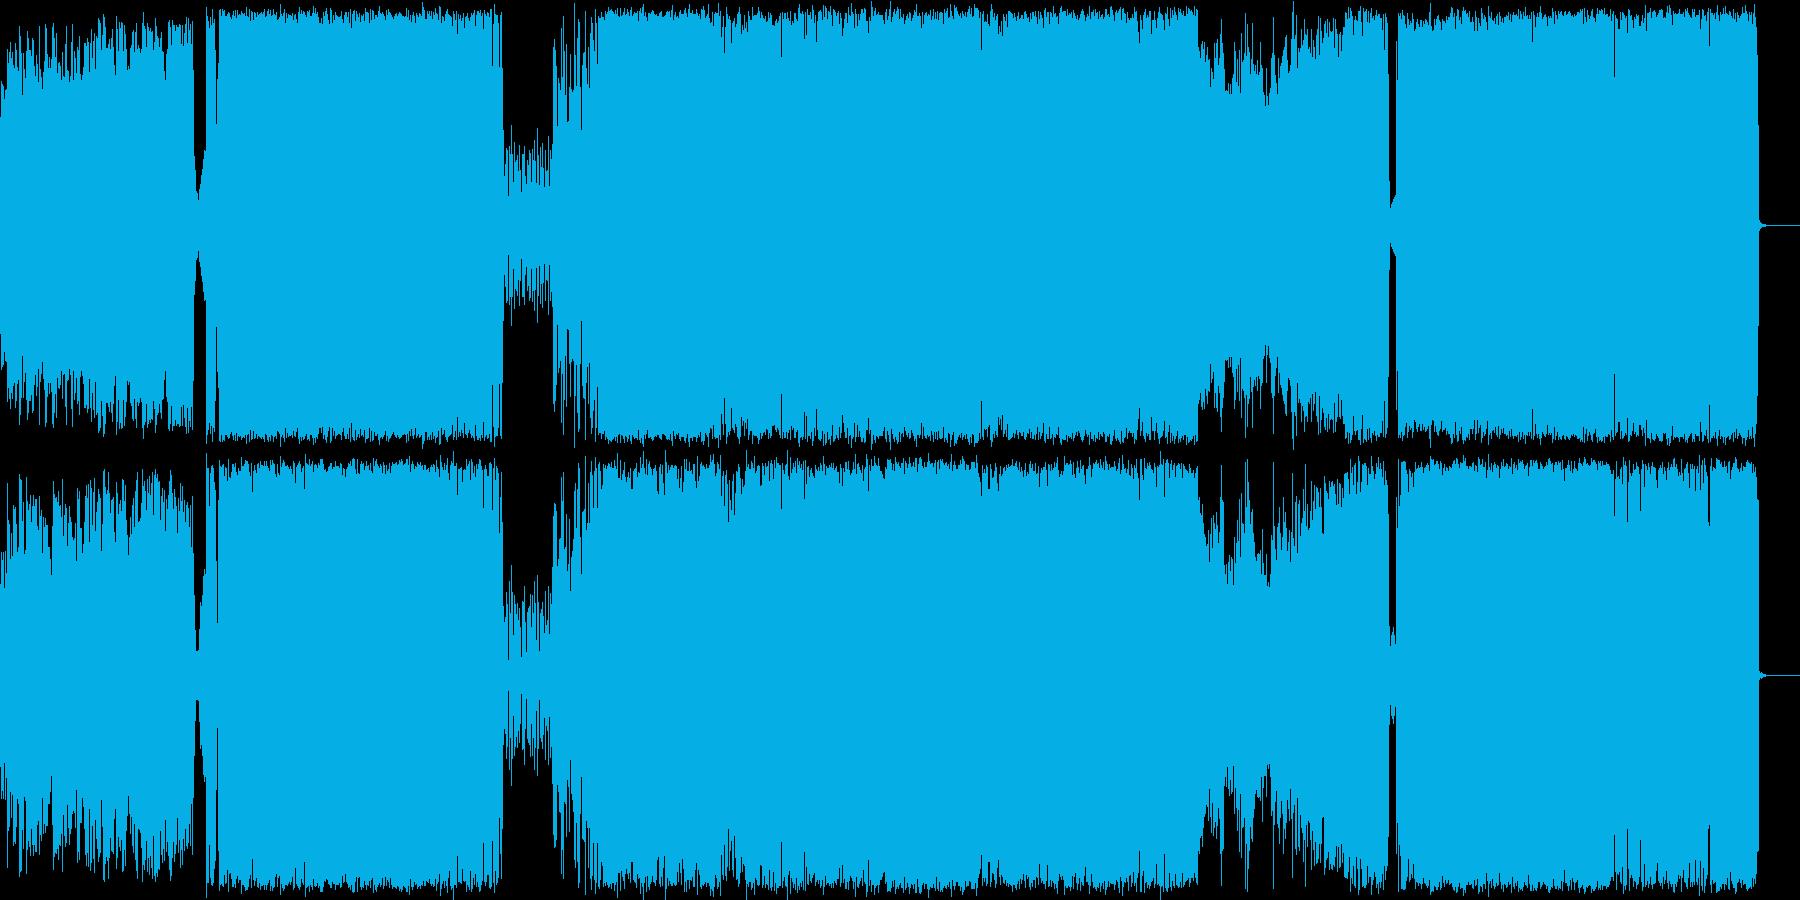 尺八.三味線を取り入れたヘビーロックの再生済みの波形